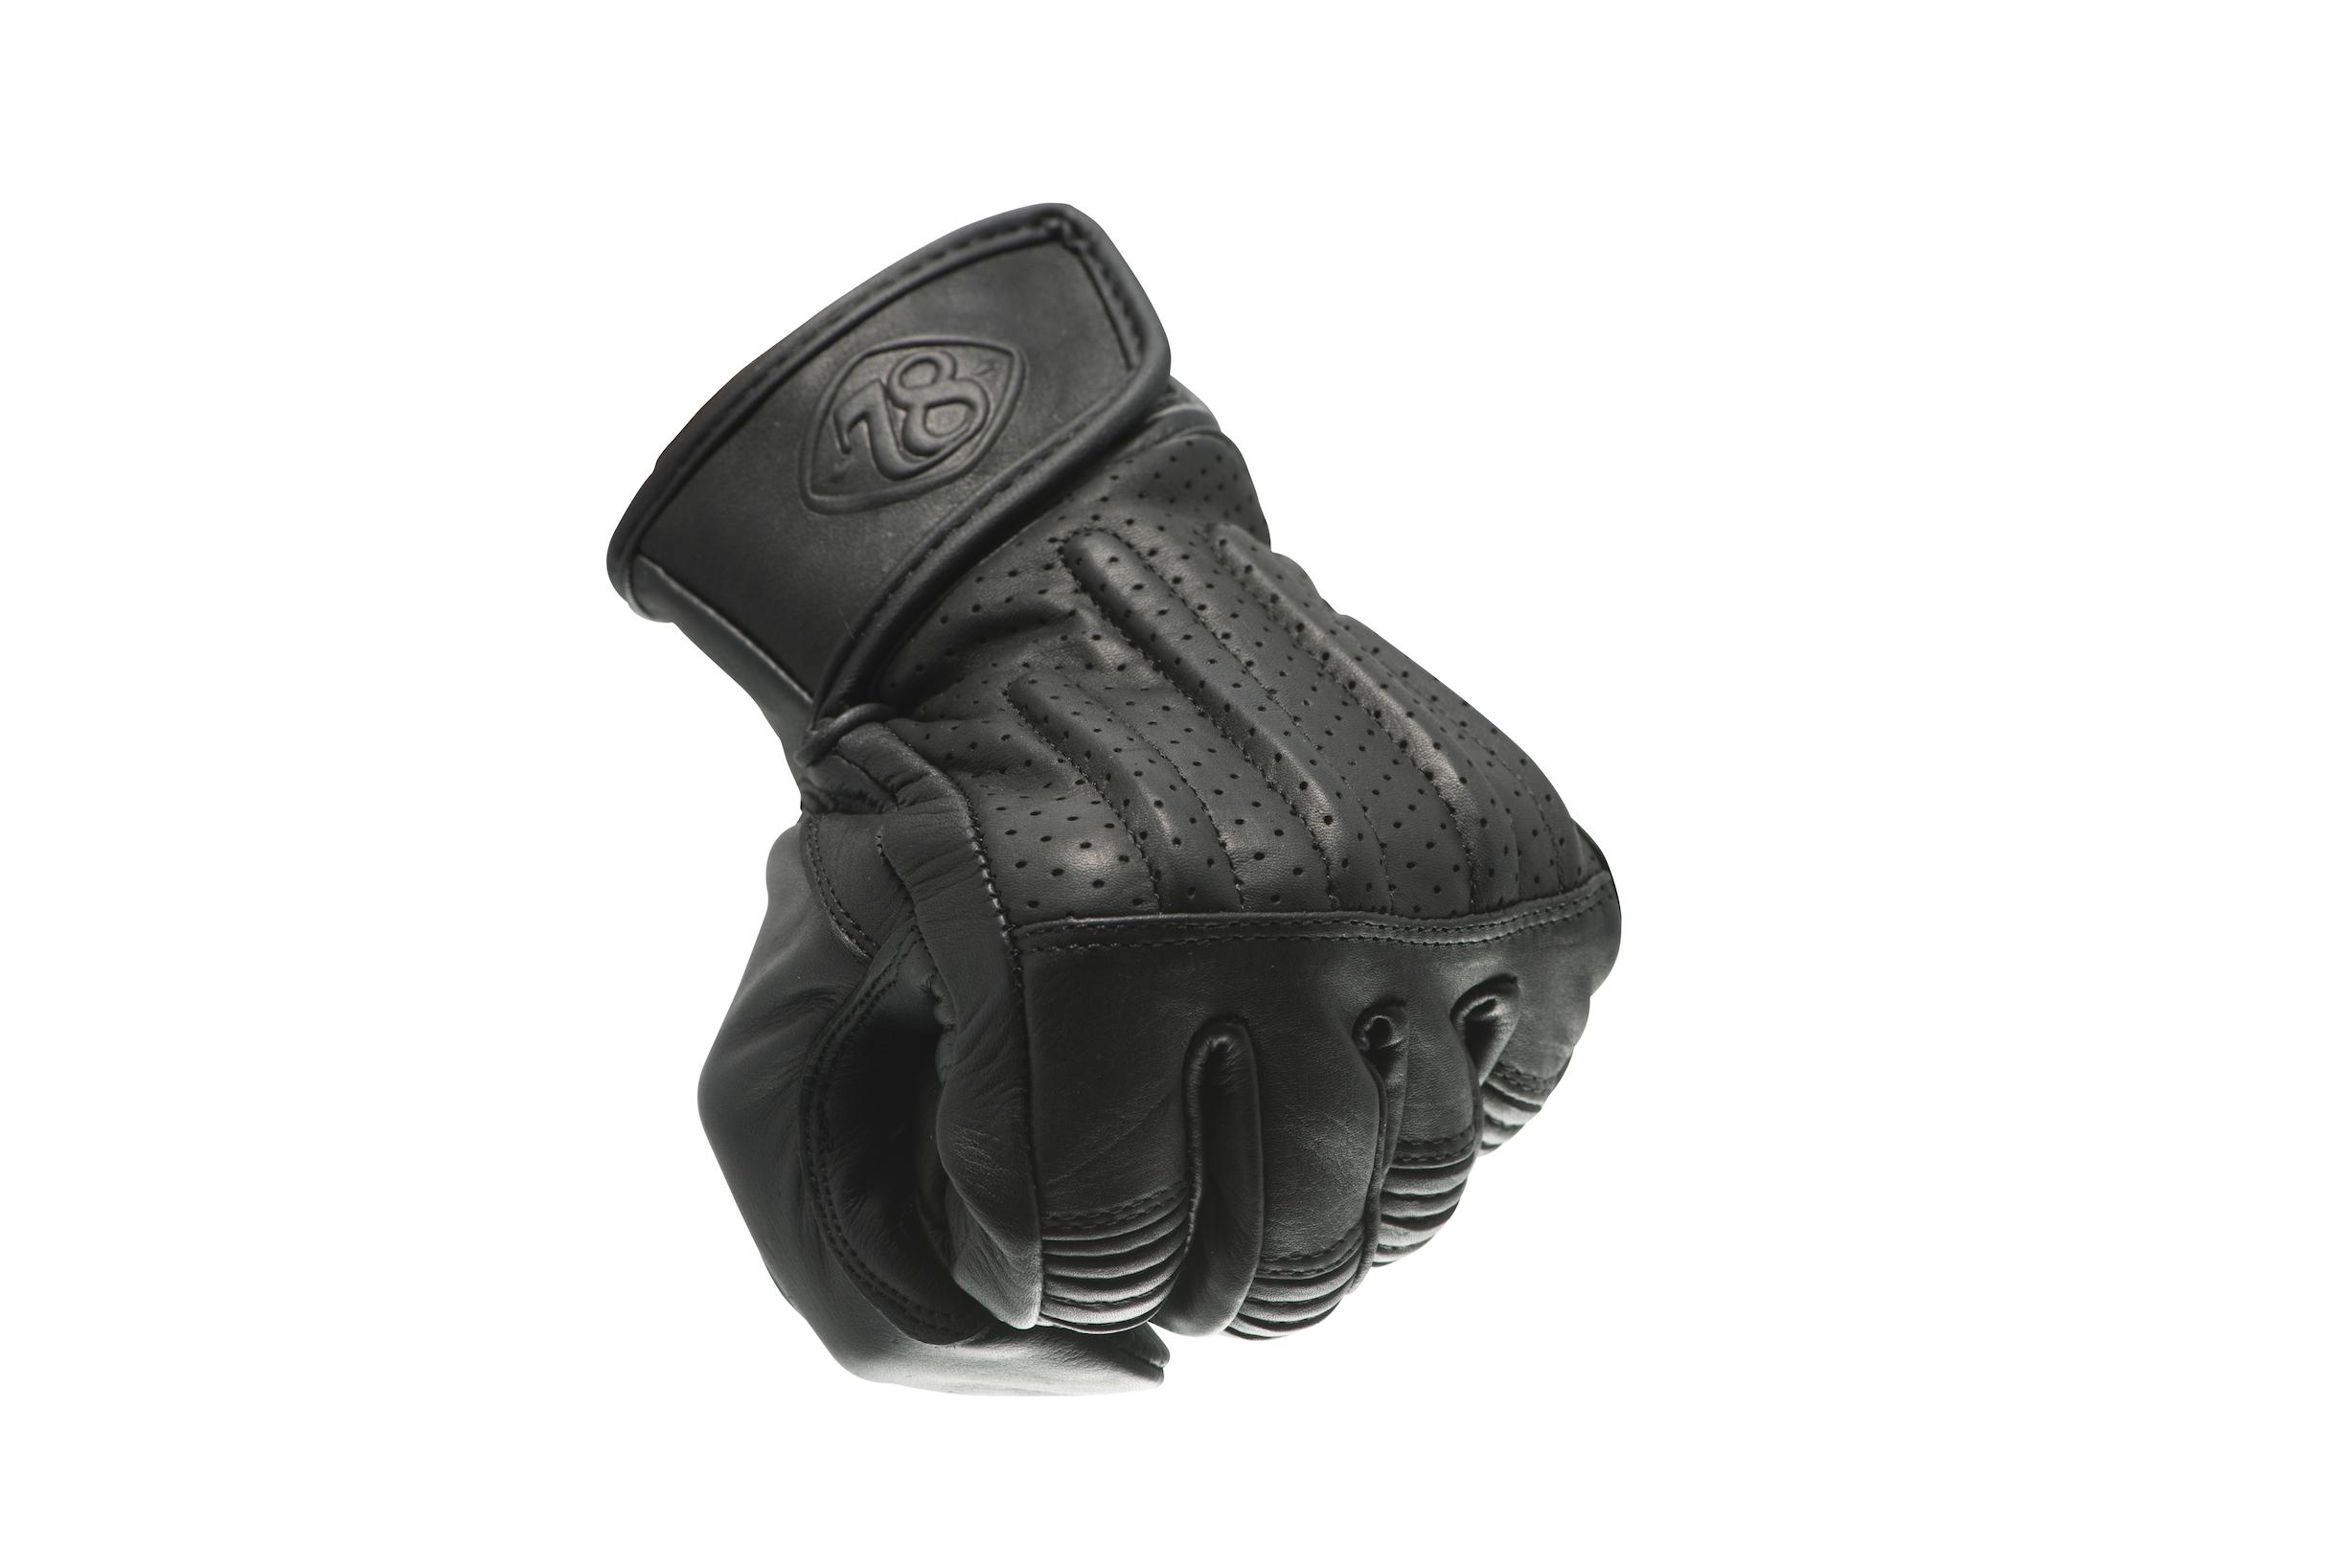 78 motor & co gloves